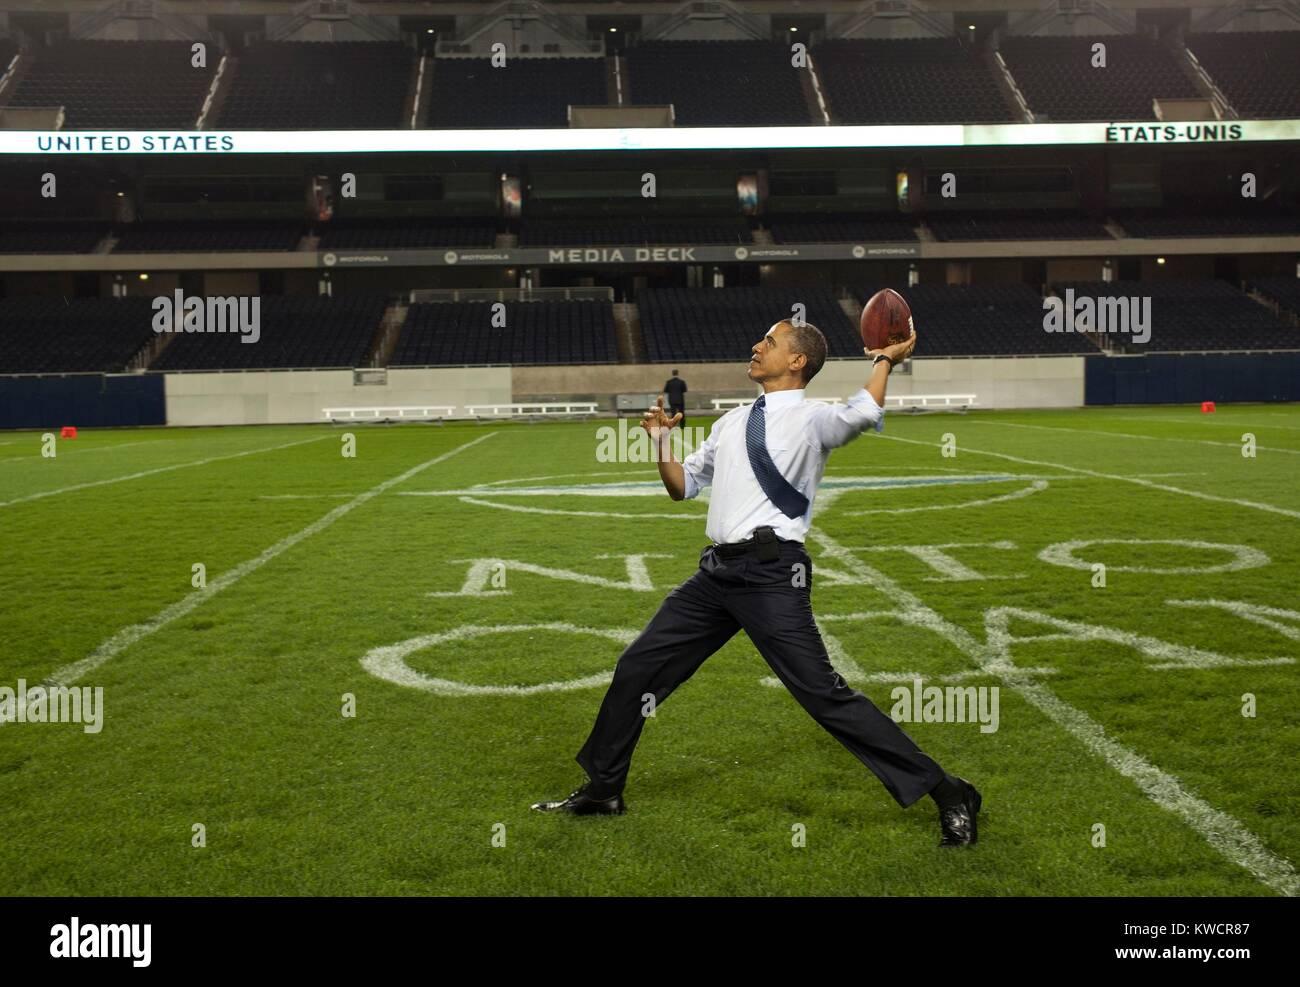 Präsident Barack Obama wirft einen Fußball im Soldier Field. Chicago, Illinois, 20. Mai 2012. (BSLOC_2015 Stockbild